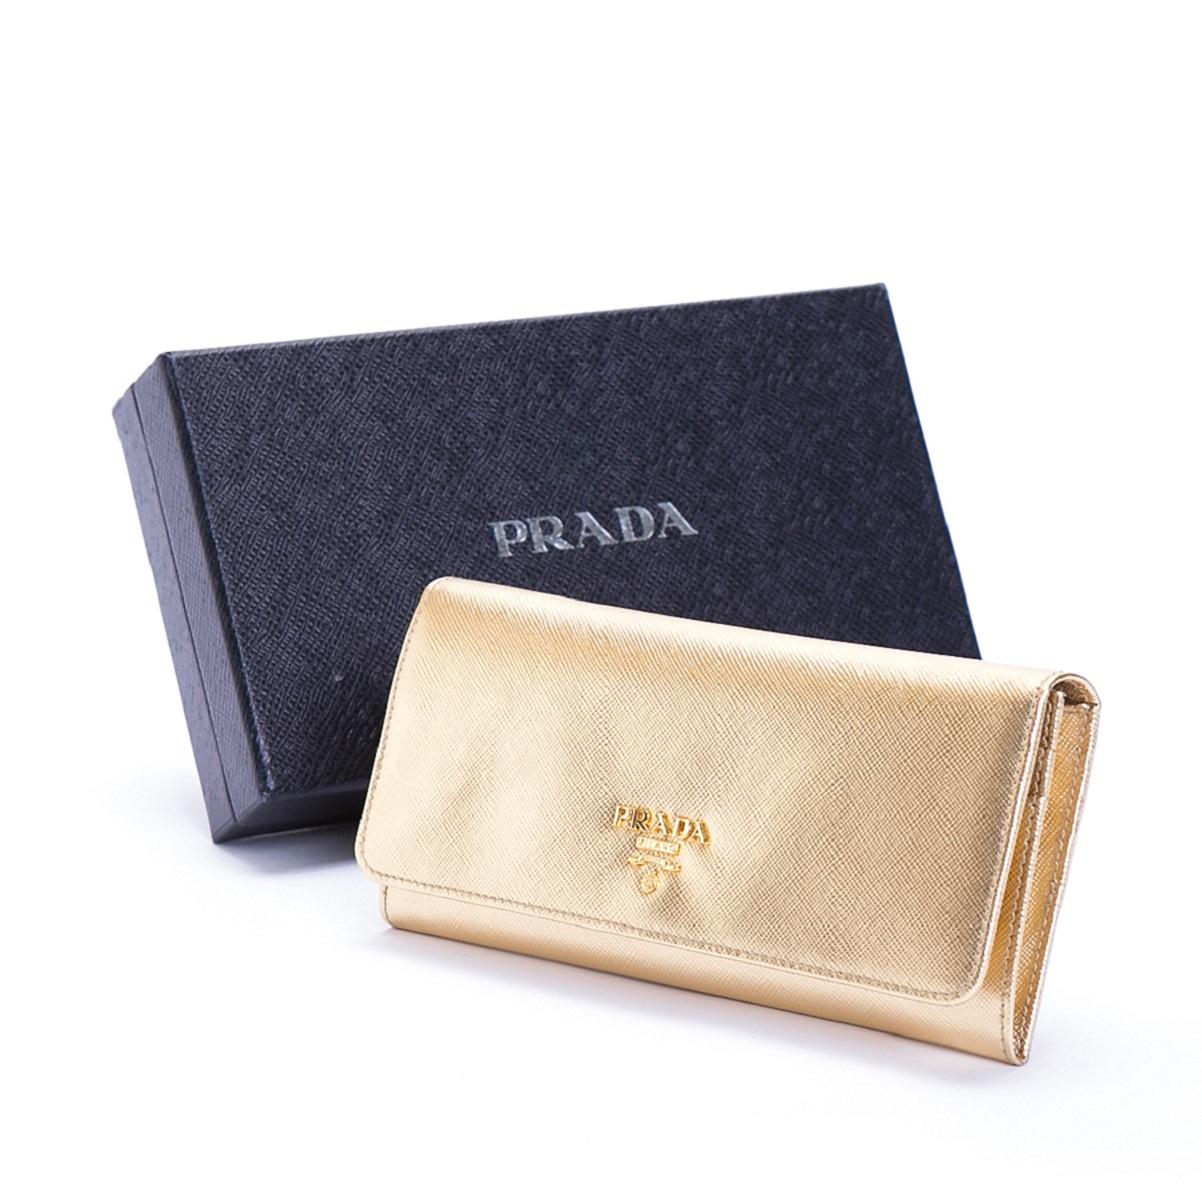 プラダ PRADA 長財布 二つ折り カード10枚 ゴールド レザー 未使用展示品 【トレジャースポット】【中古】